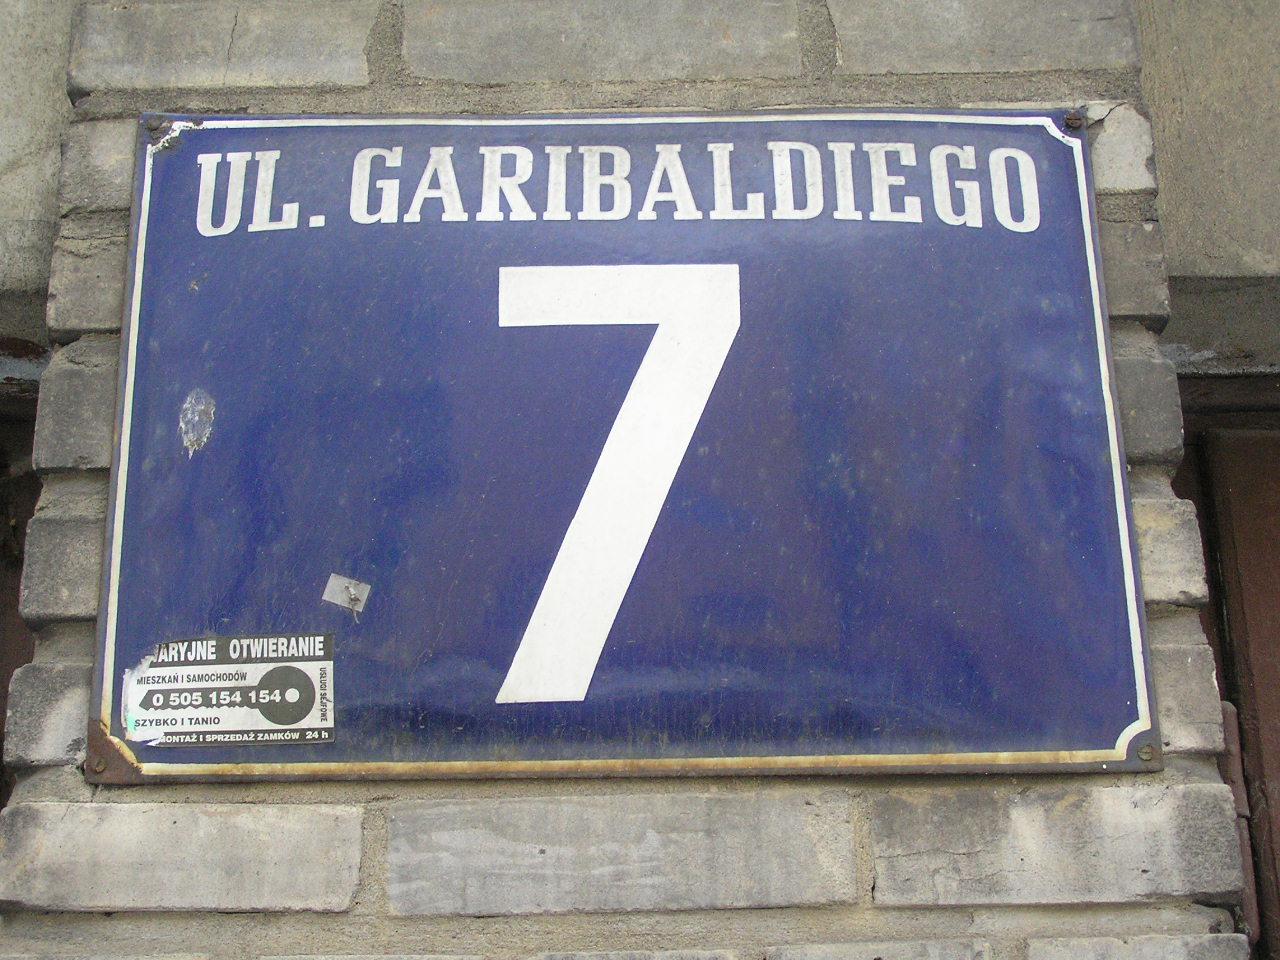 Tablica adresowa przy ulicy Garibaldiego 7 na Grochowie